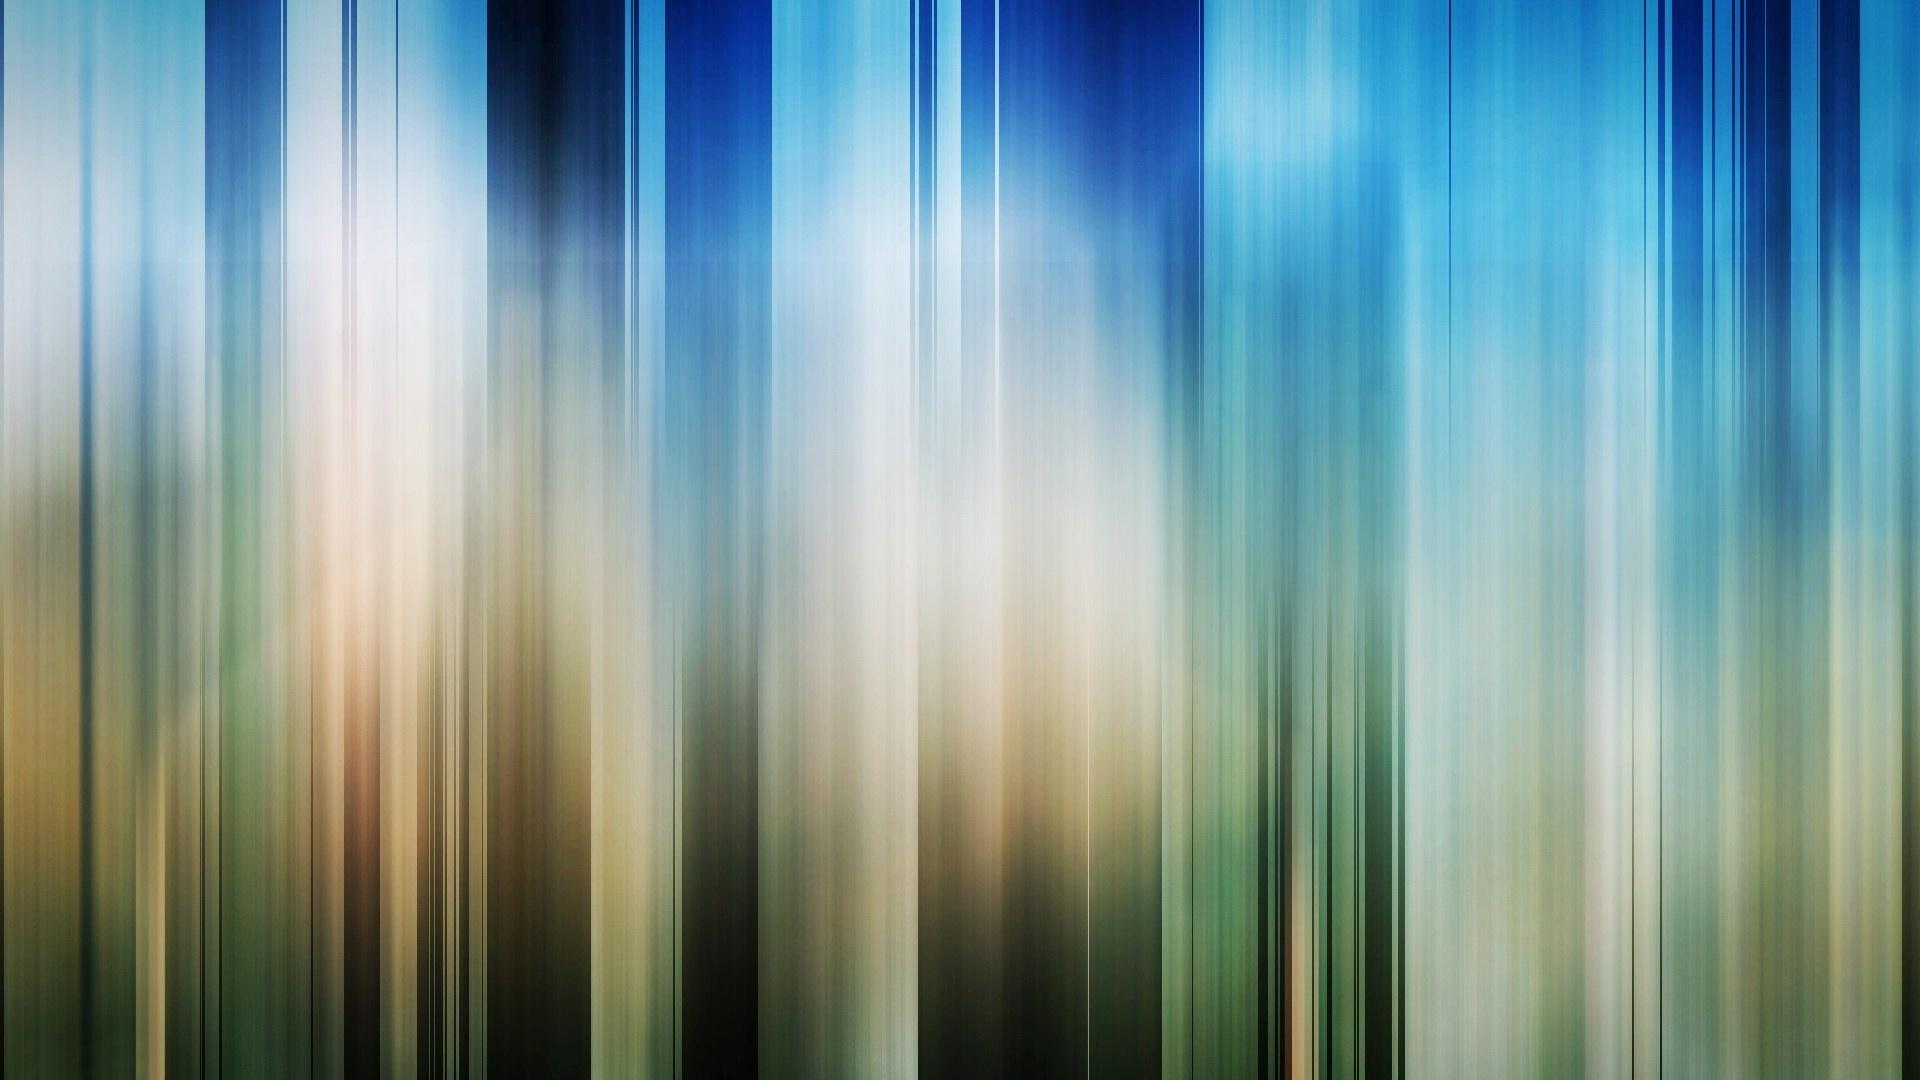 Blue And Brown Wallpaper Wallpapersafari